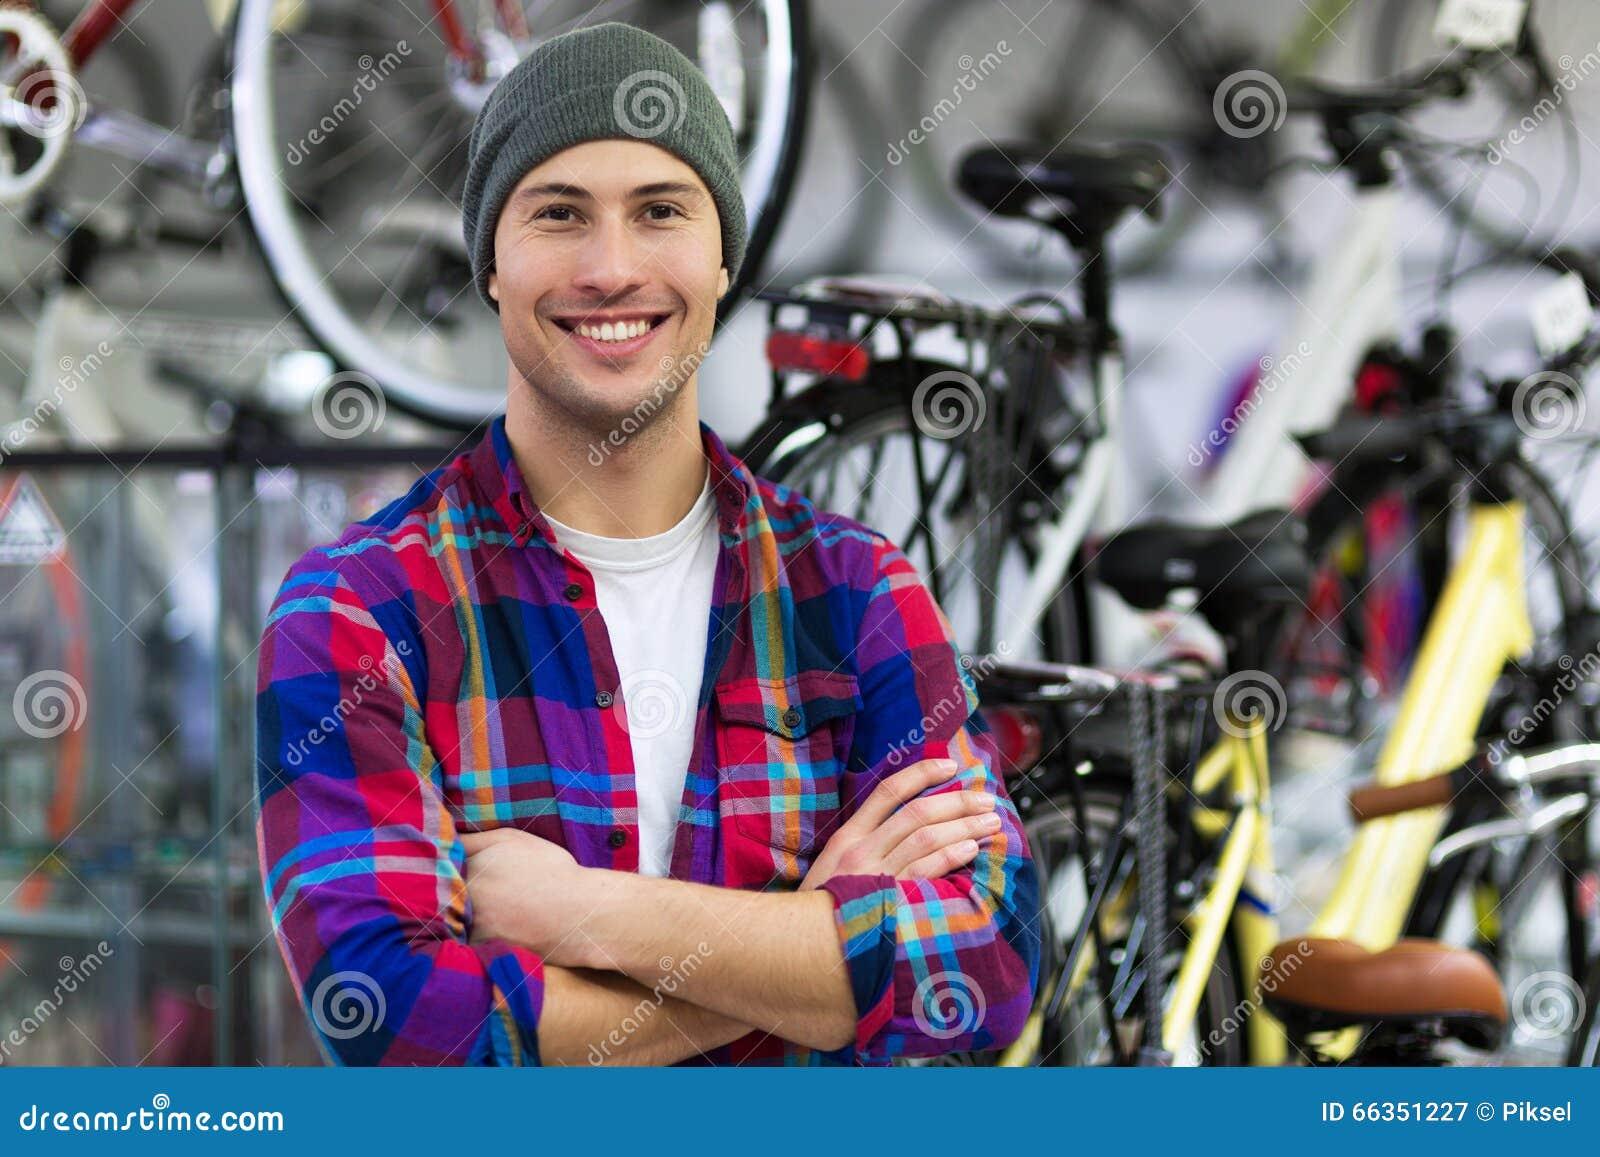 zeigen sie die fahrr der die an der wand f r verkauf h ngen stockfoto bild 66351227. Black Bedroom Furniture Sets. Home Design Ideas